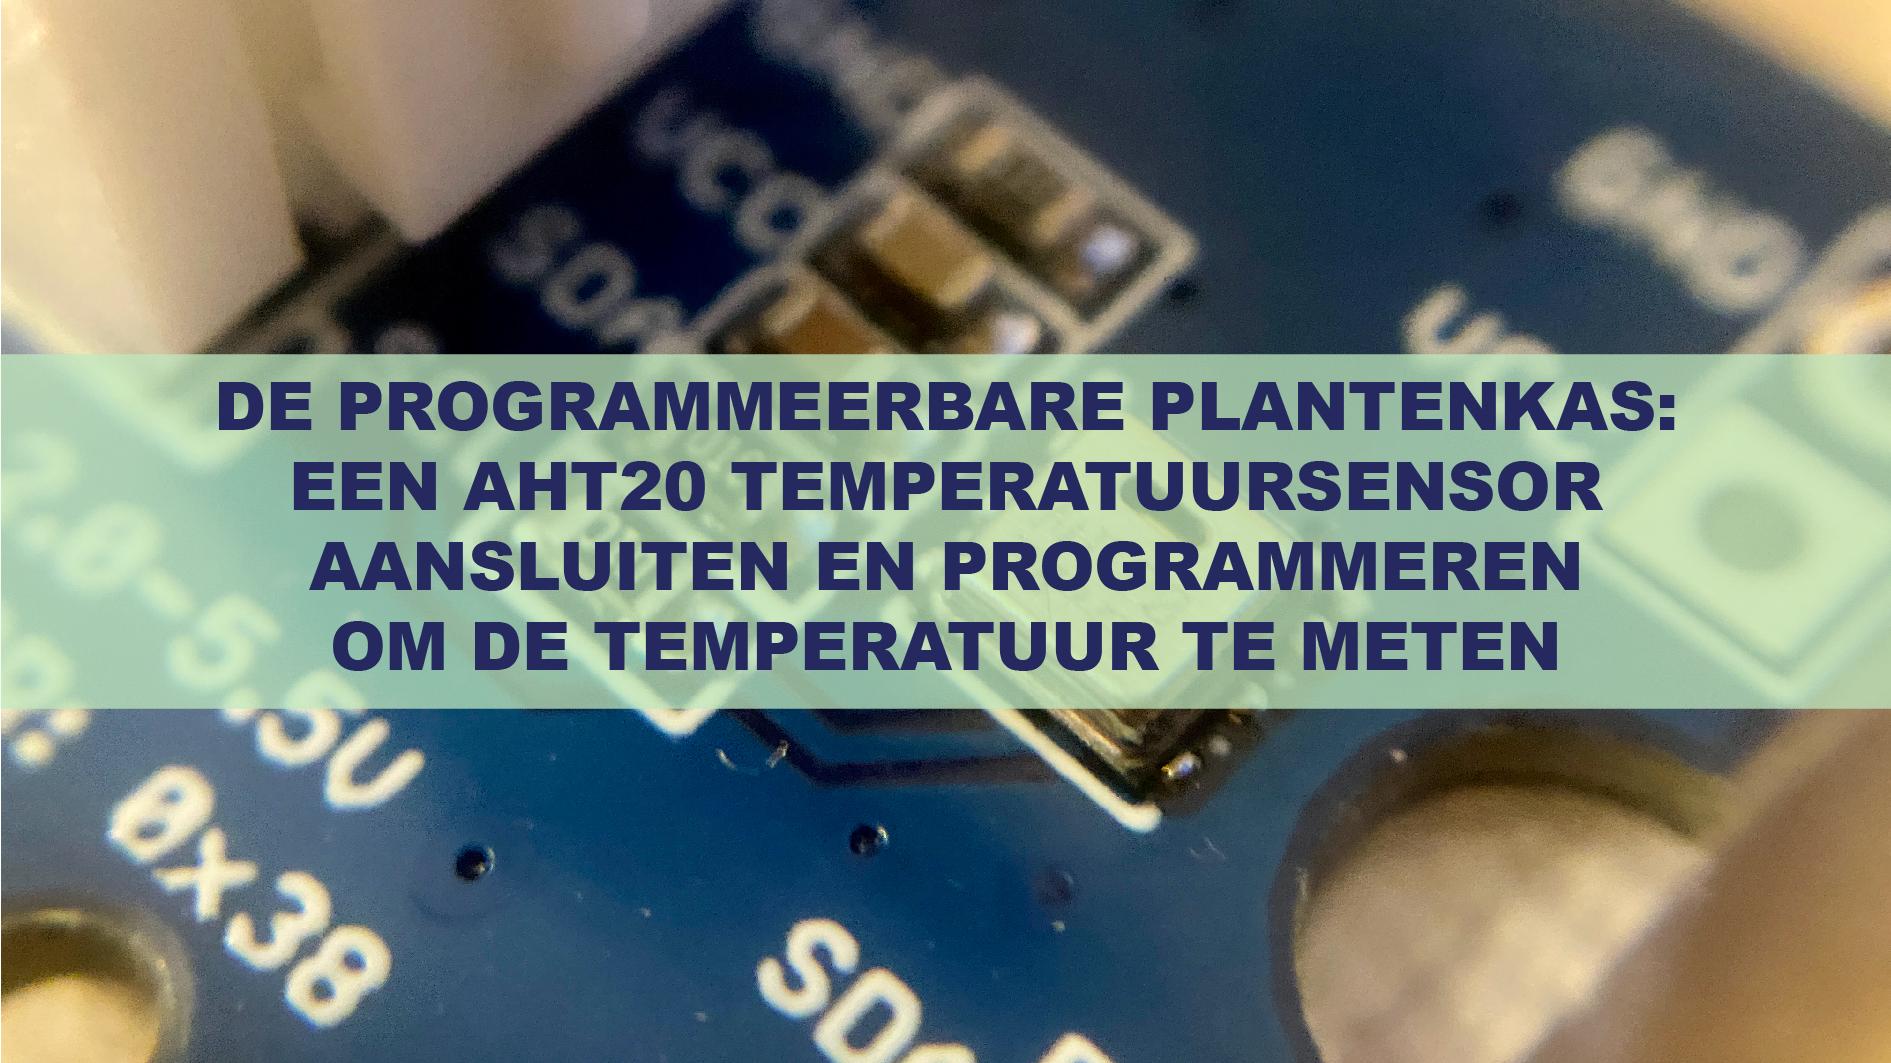 De Programmeerbare Plantenkas: Een AHT20 temperatuursensor aansluiten en programmeren om de temperatuur te meten